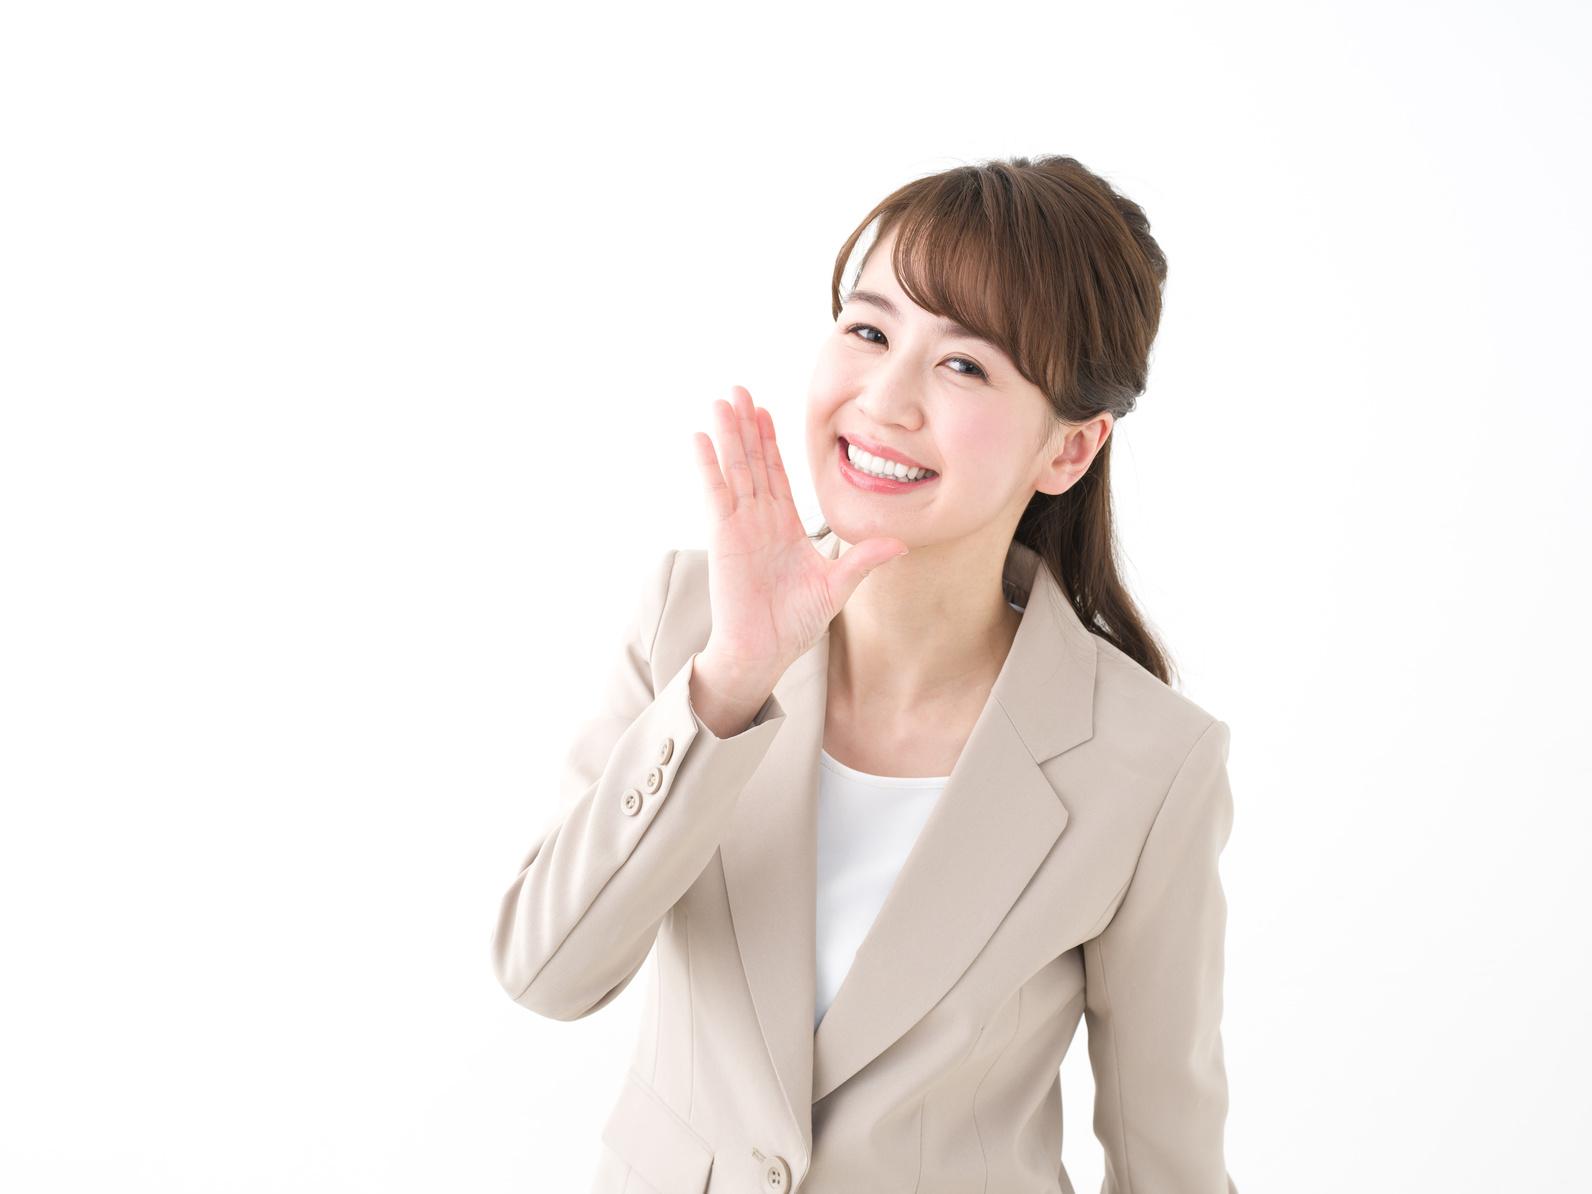 源泉 徴収 票 発行 時期